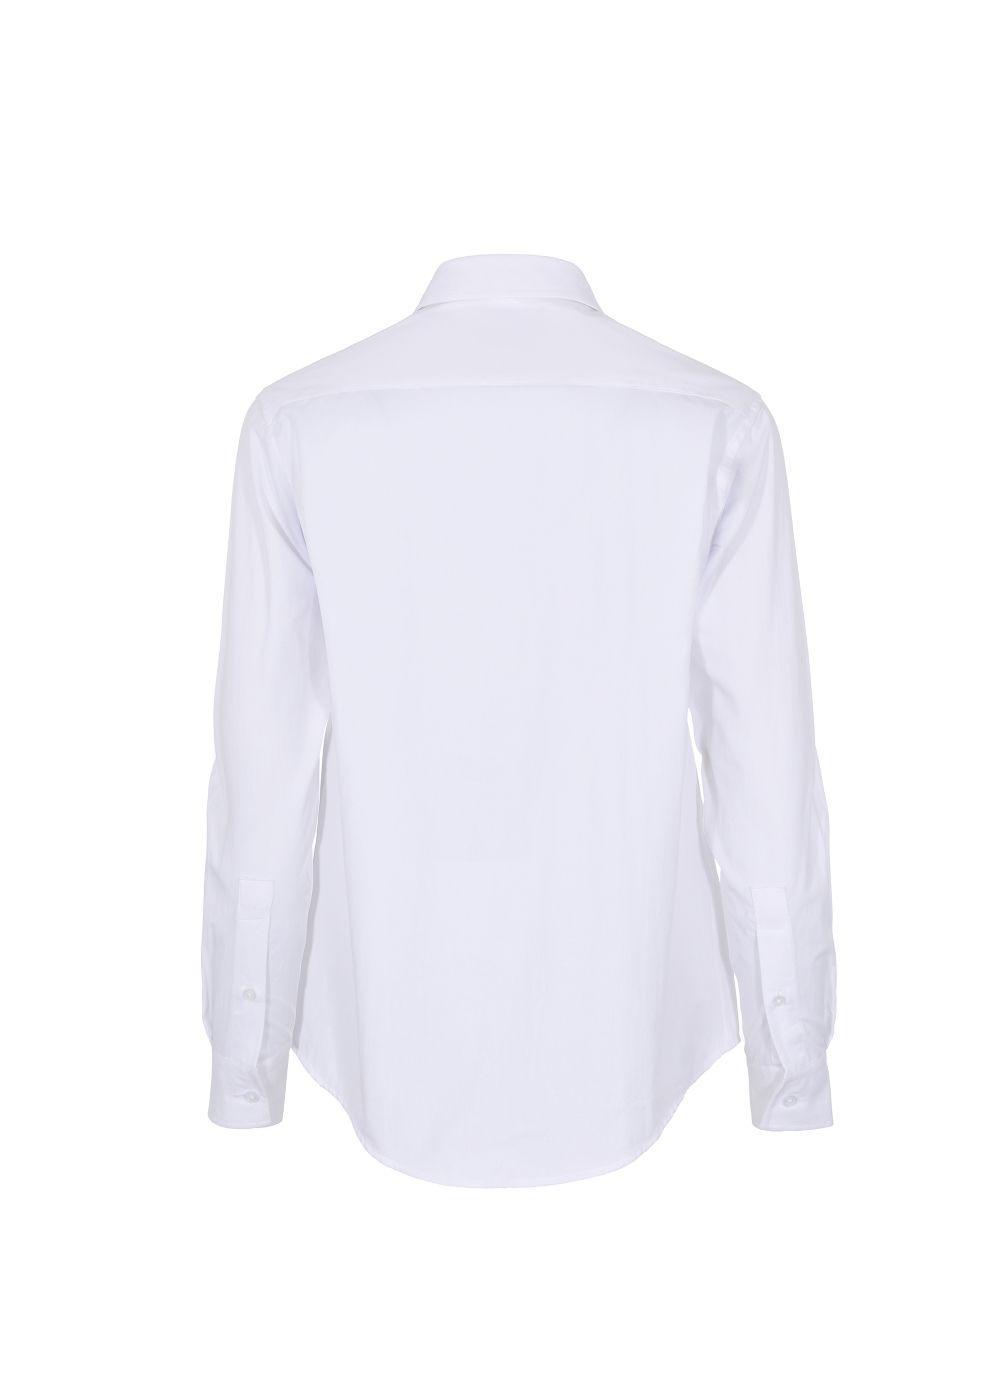 Koszula damska KOSDT-0046-11(W19)